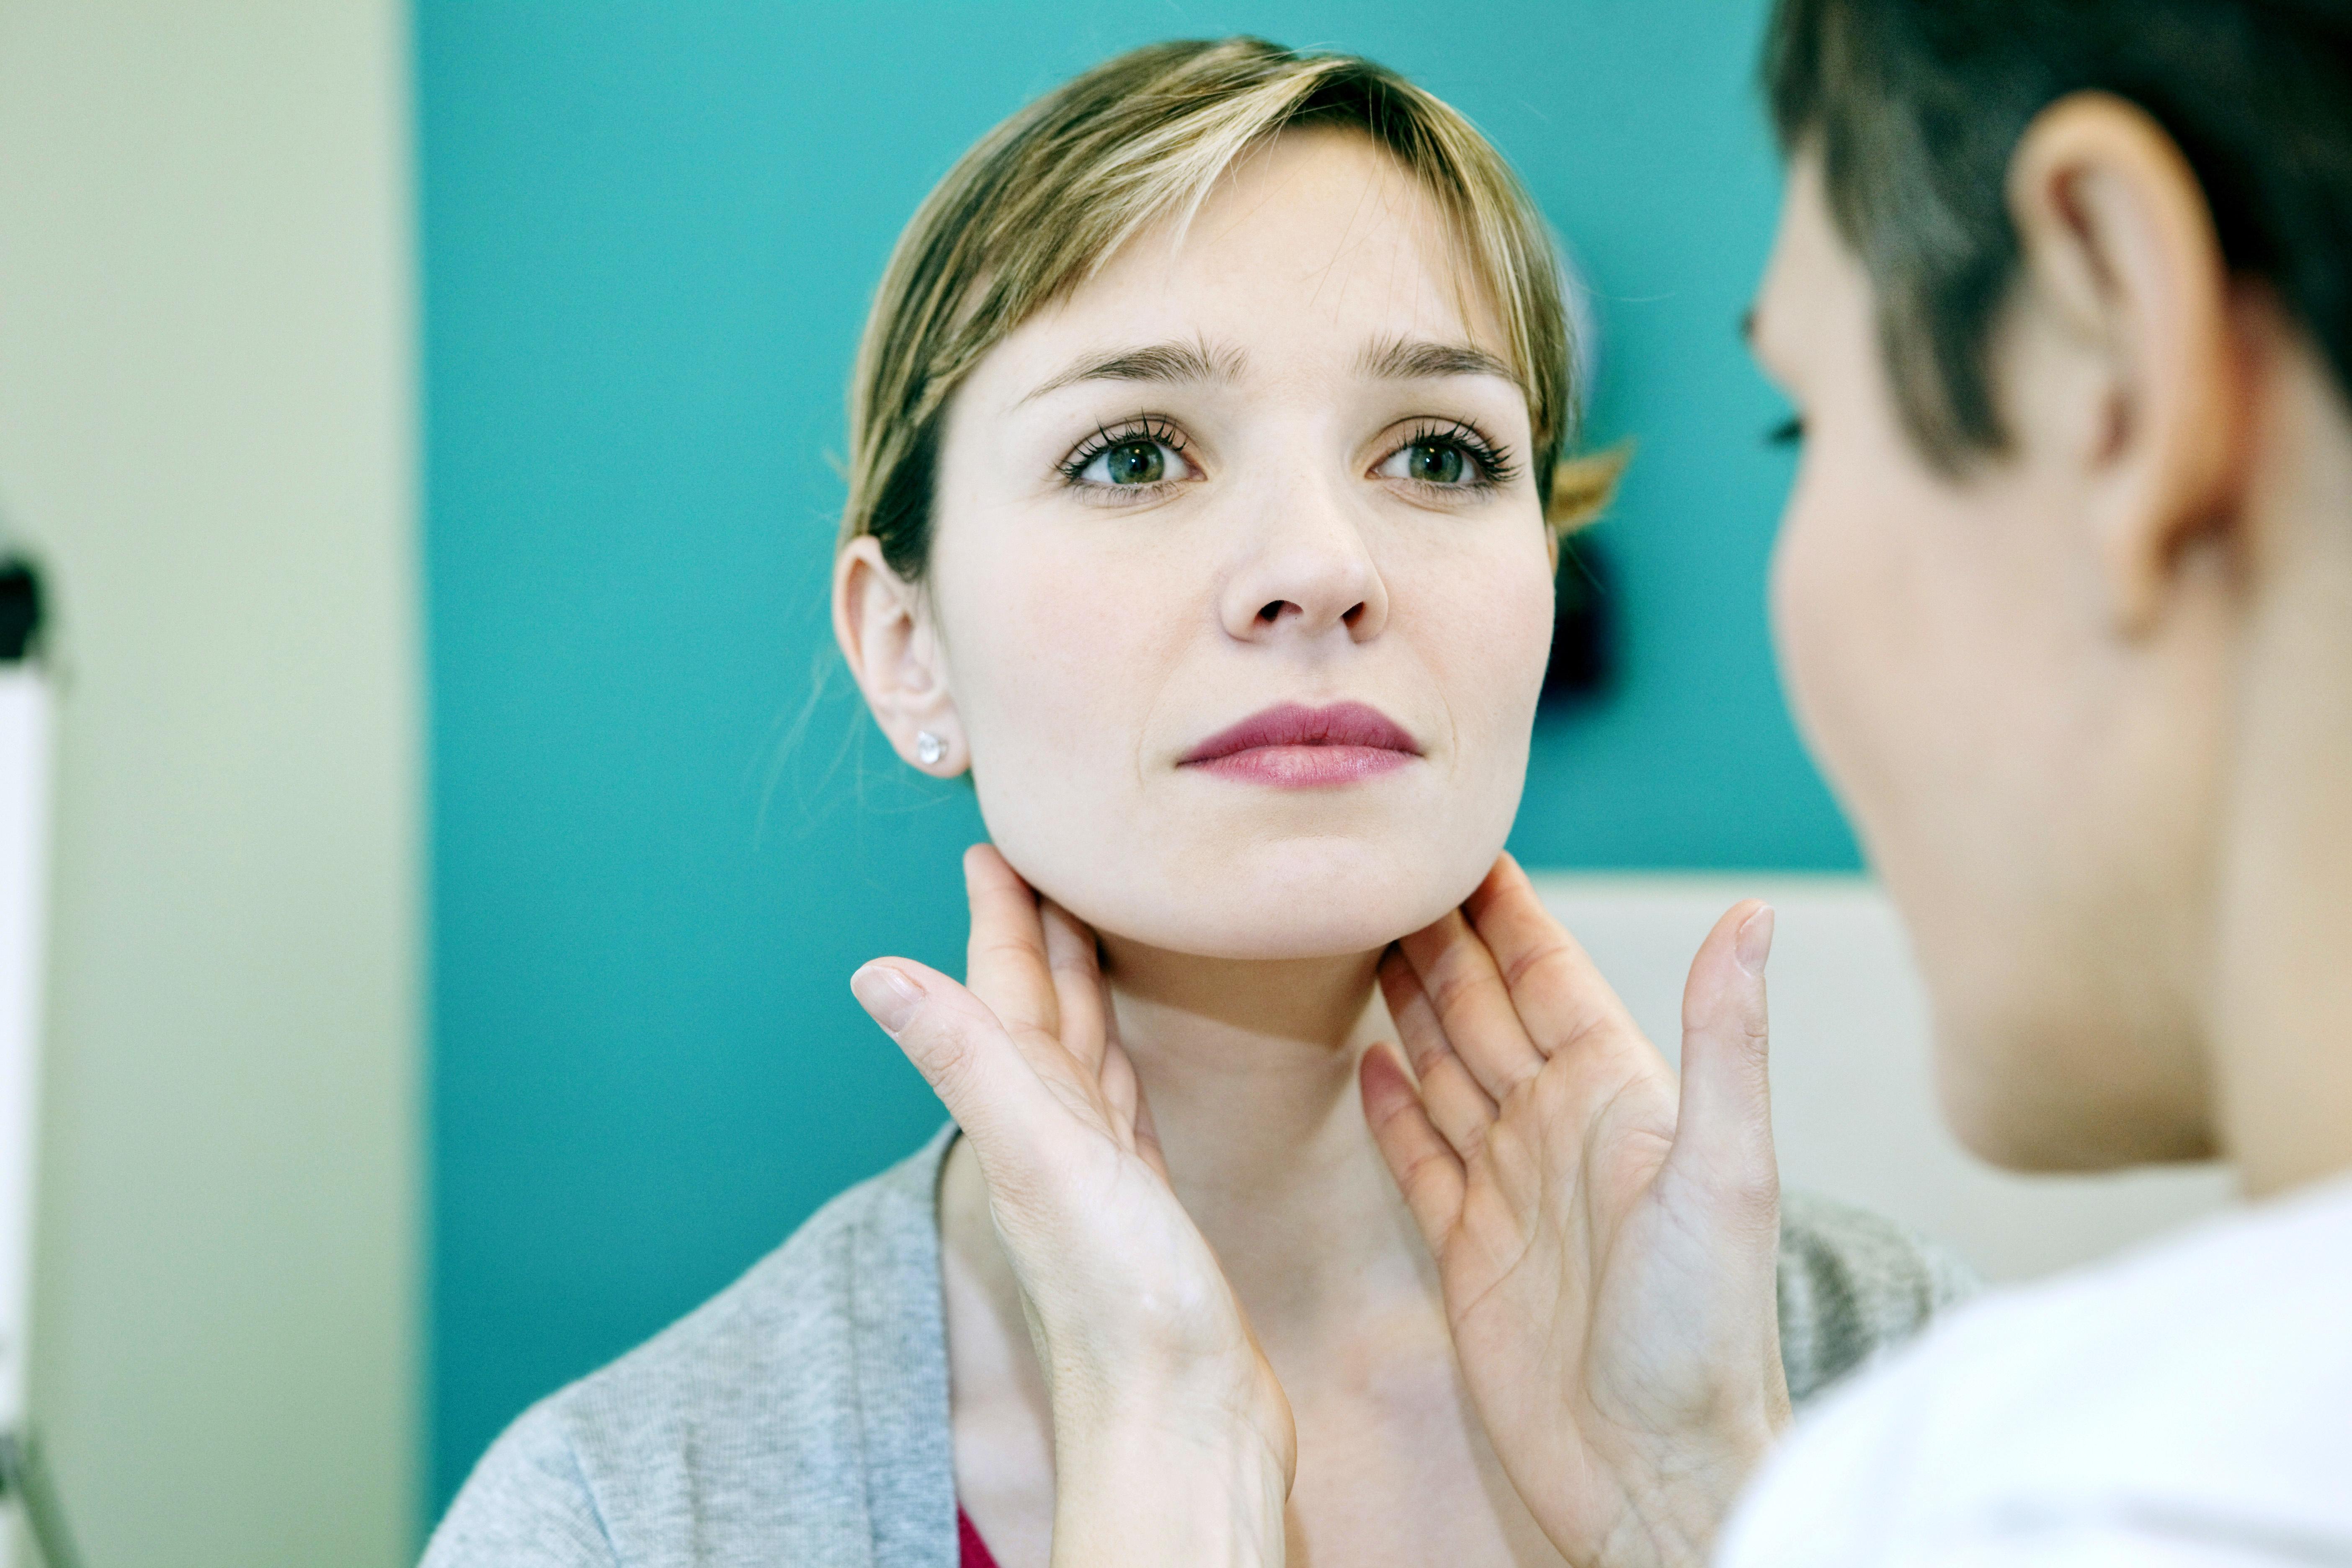 Bei Frauen wird eine Schilddrüsenunterfunktion häufig diagnostiziert.